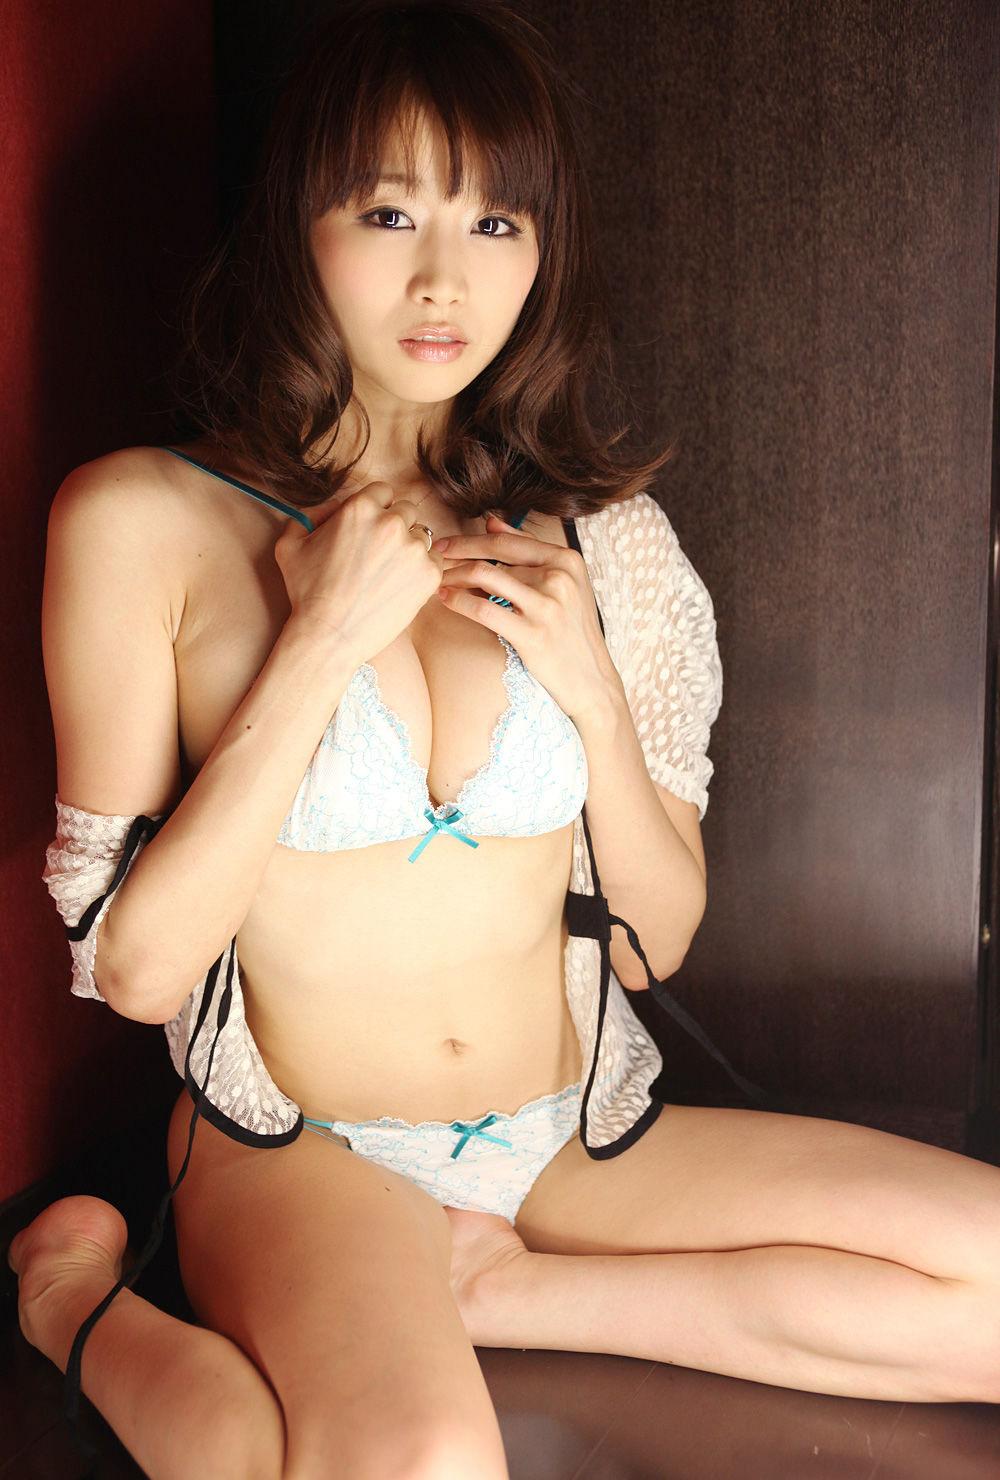 青島あきな 画像 34